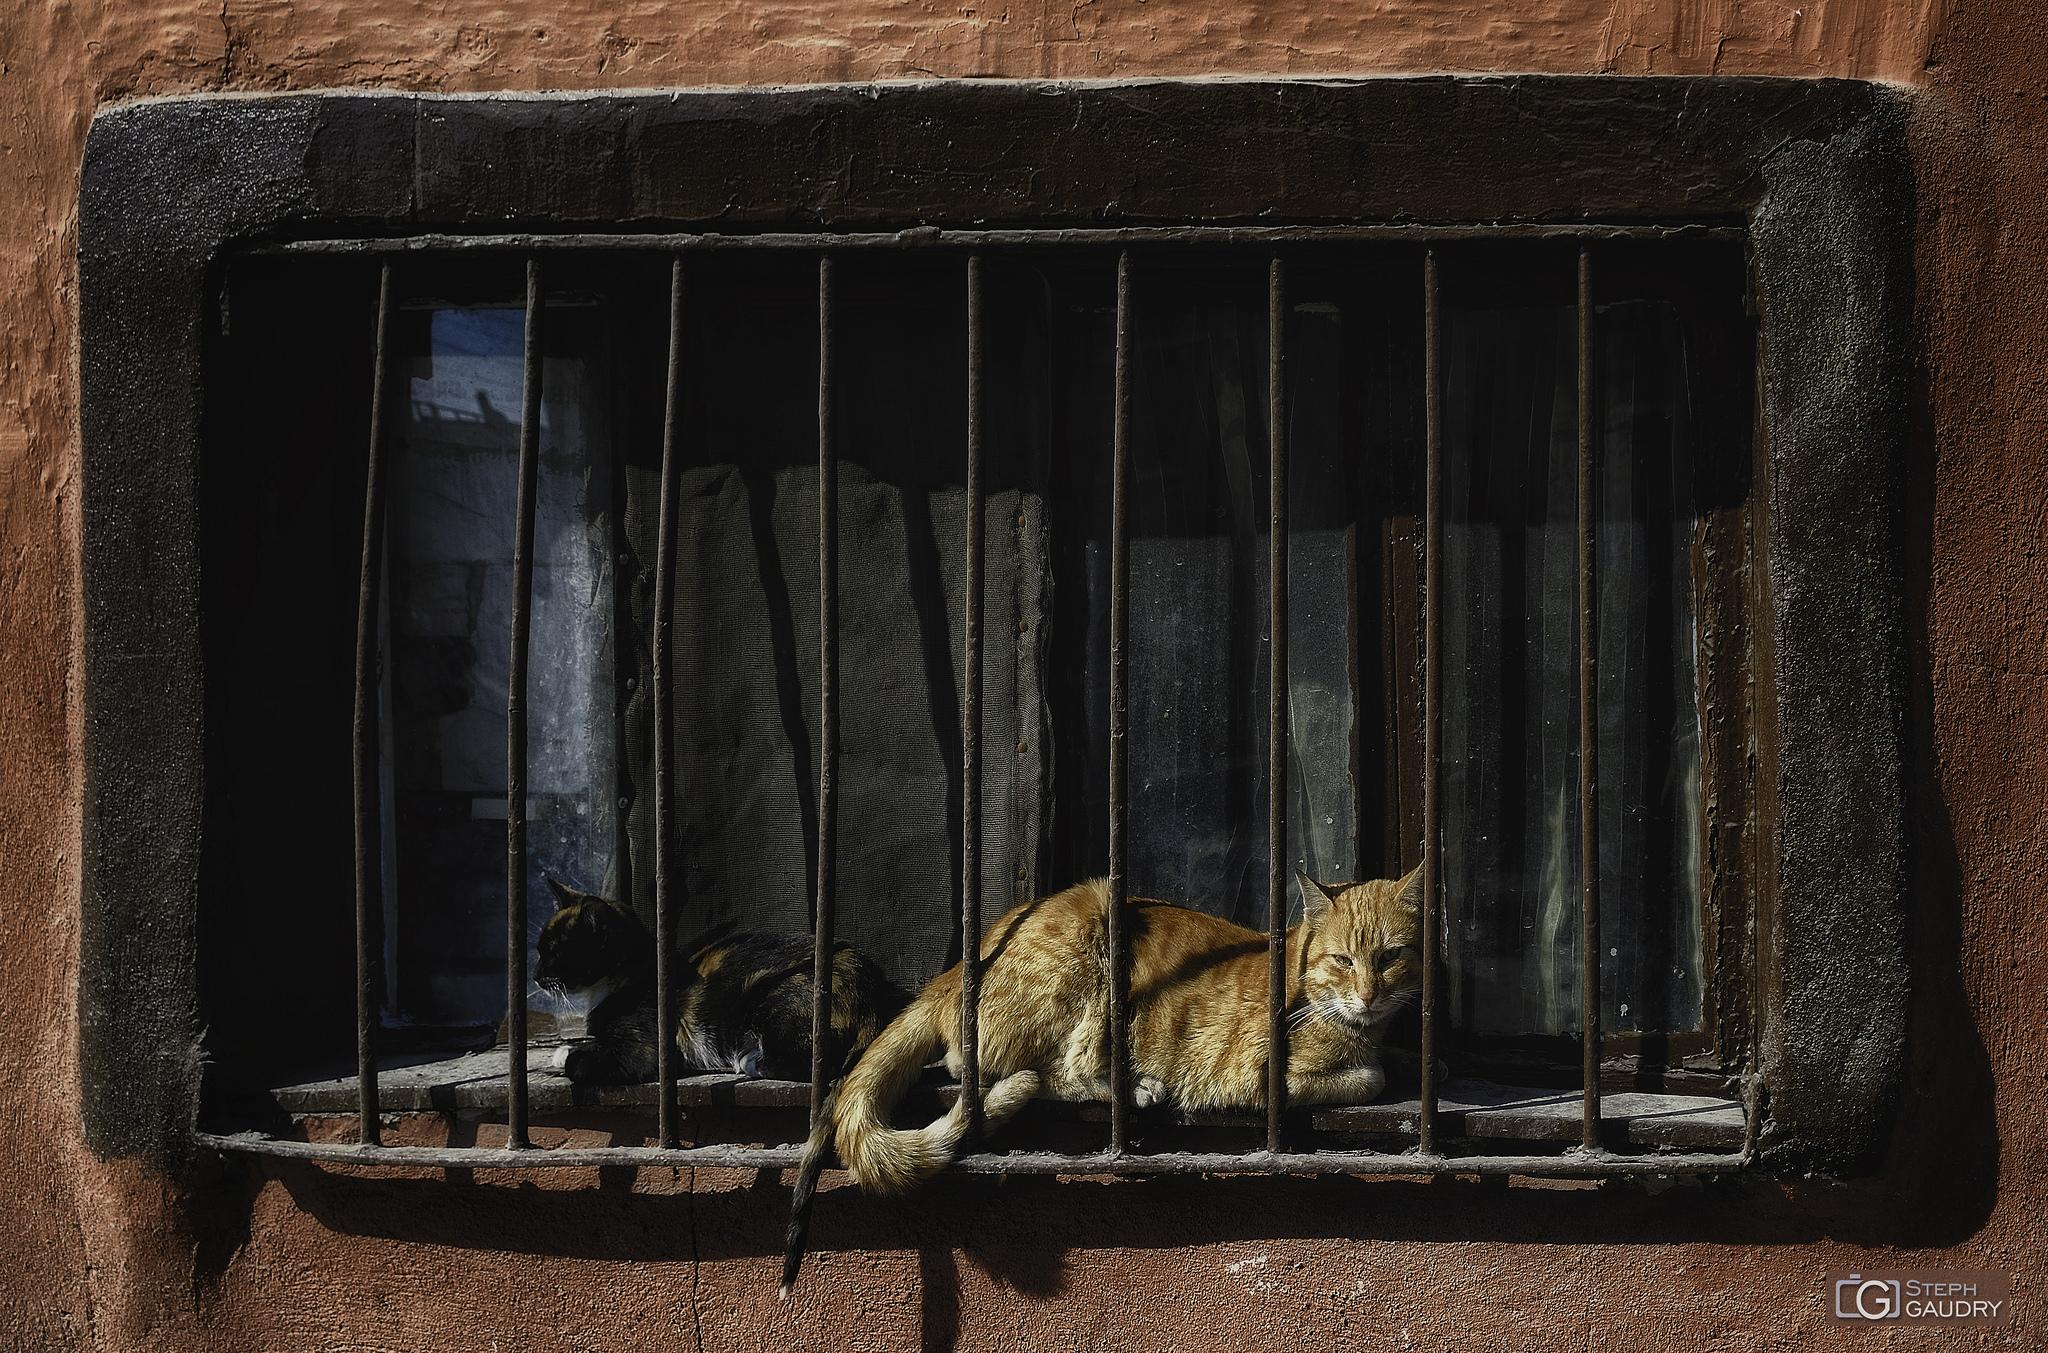 Turkish jail [Cliquez pour lancer le diaporama]